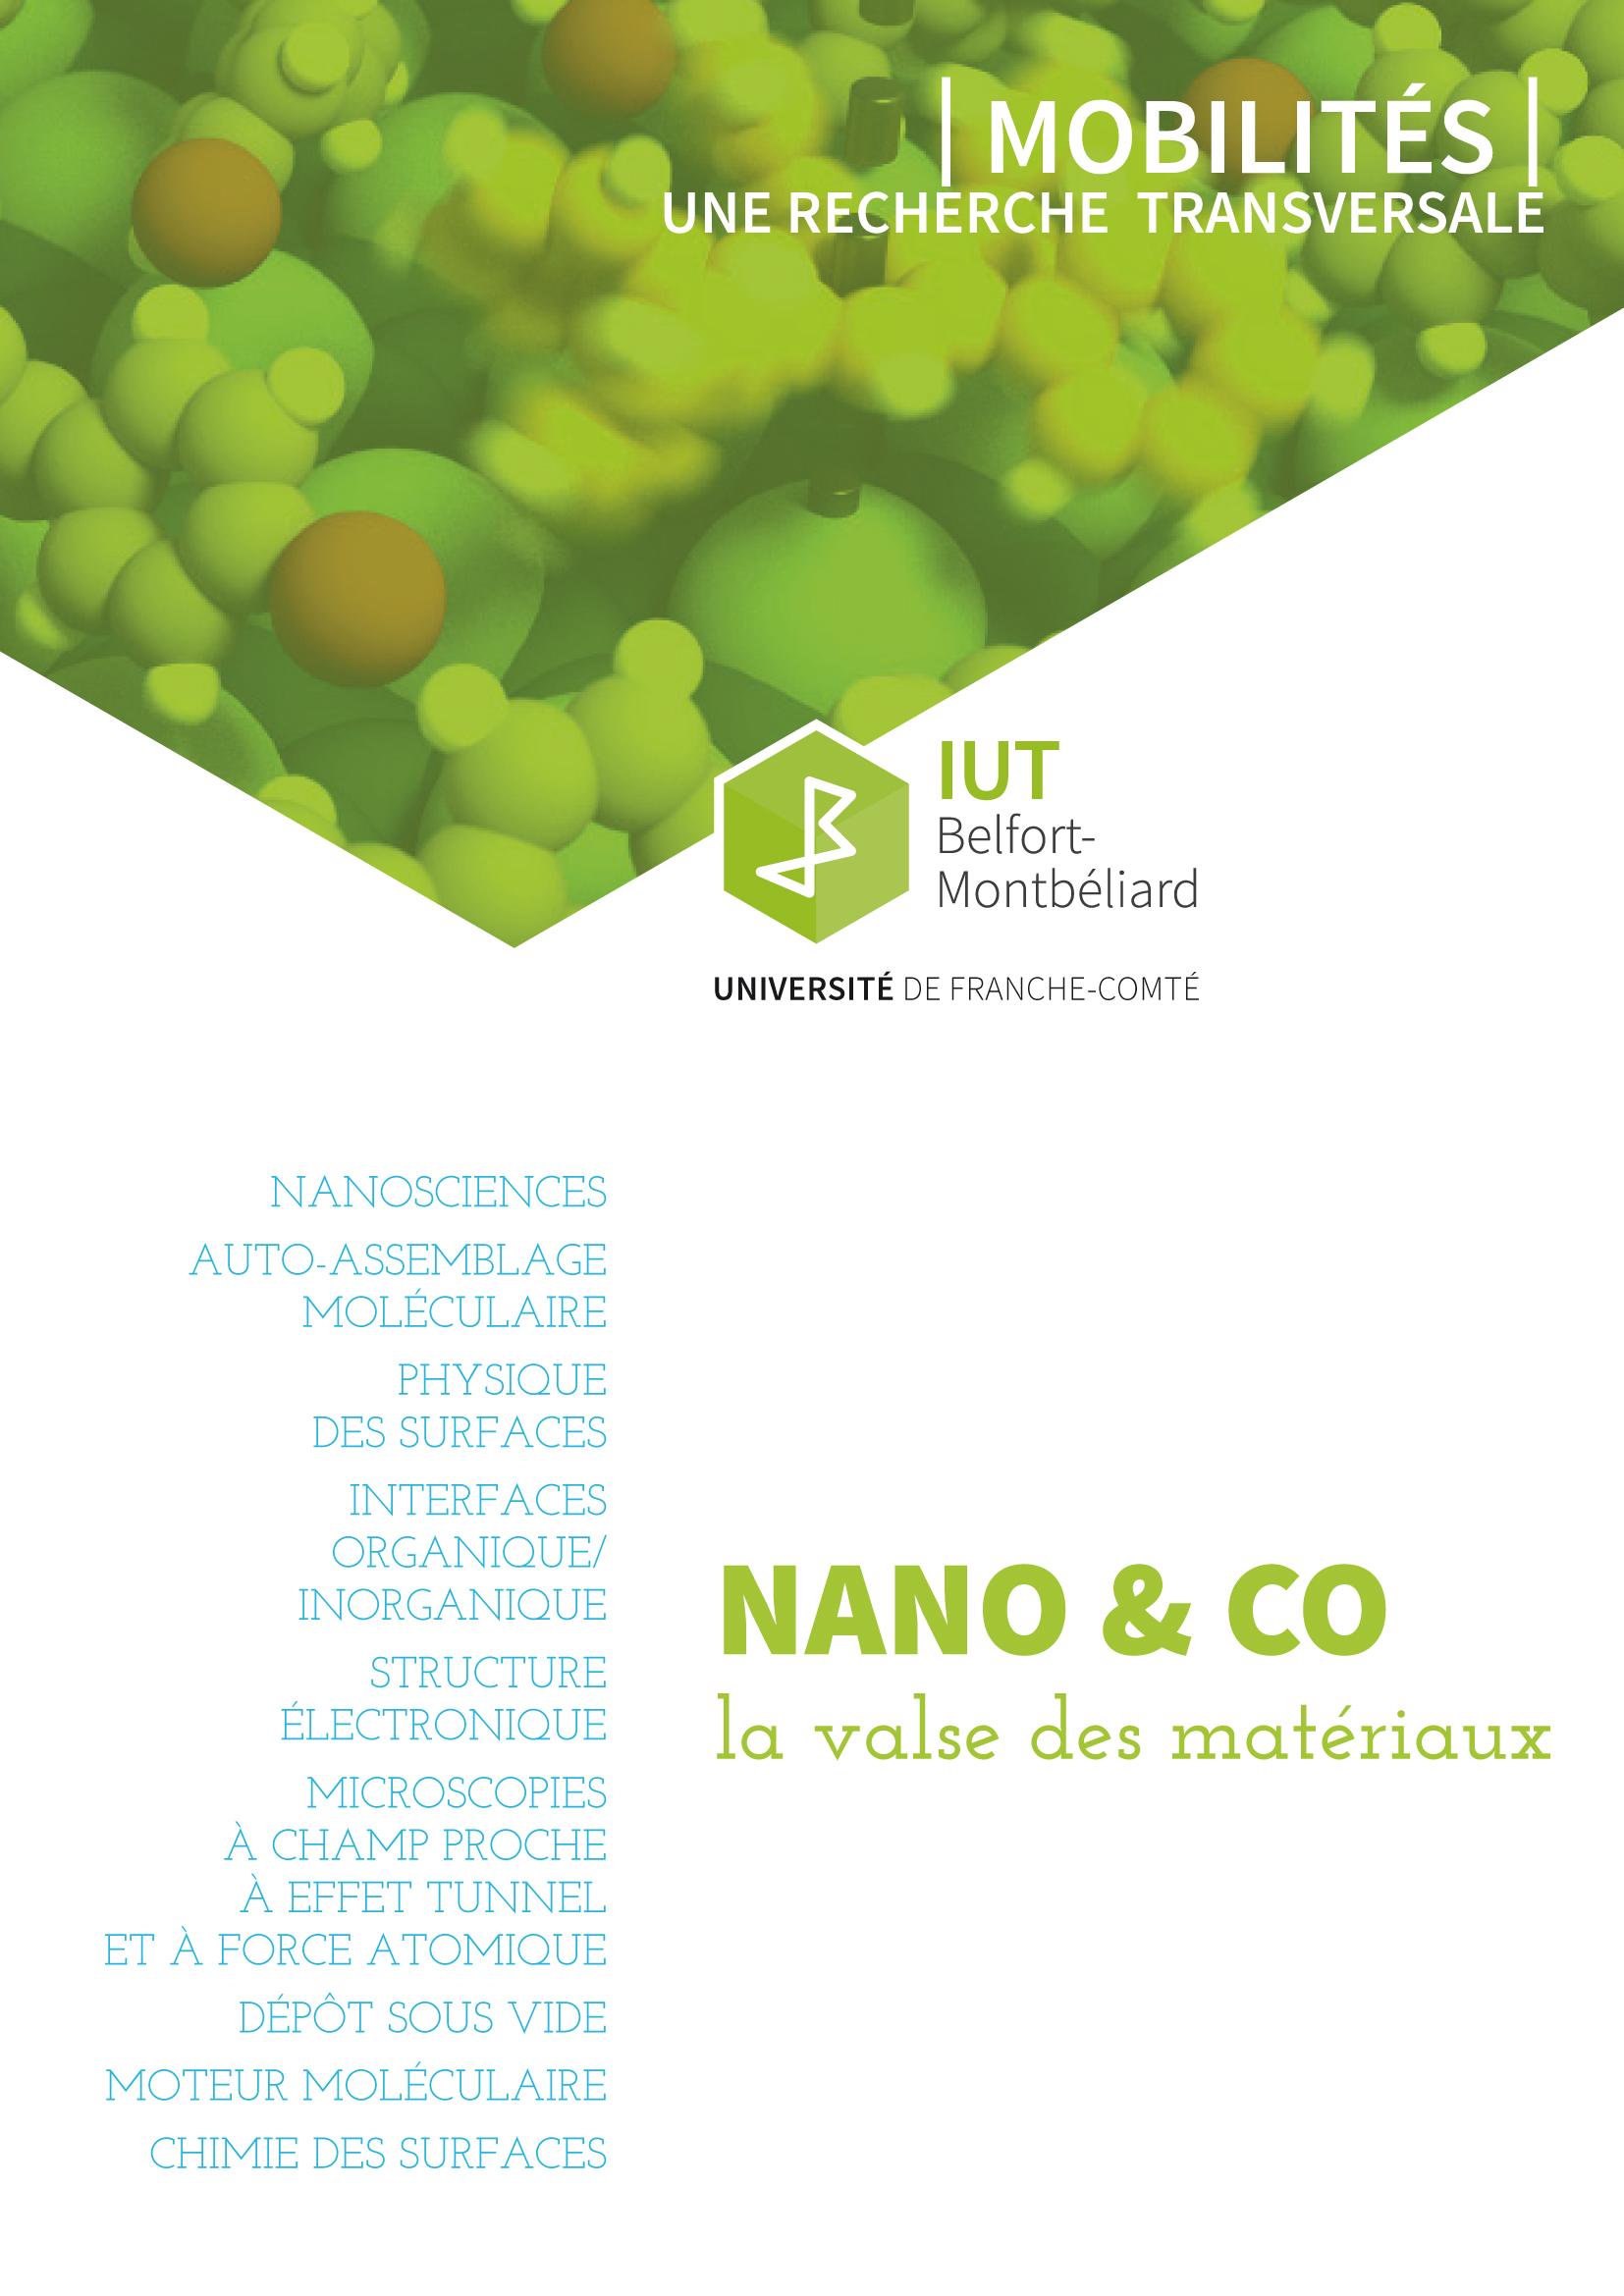 couverture plaquette nano&co